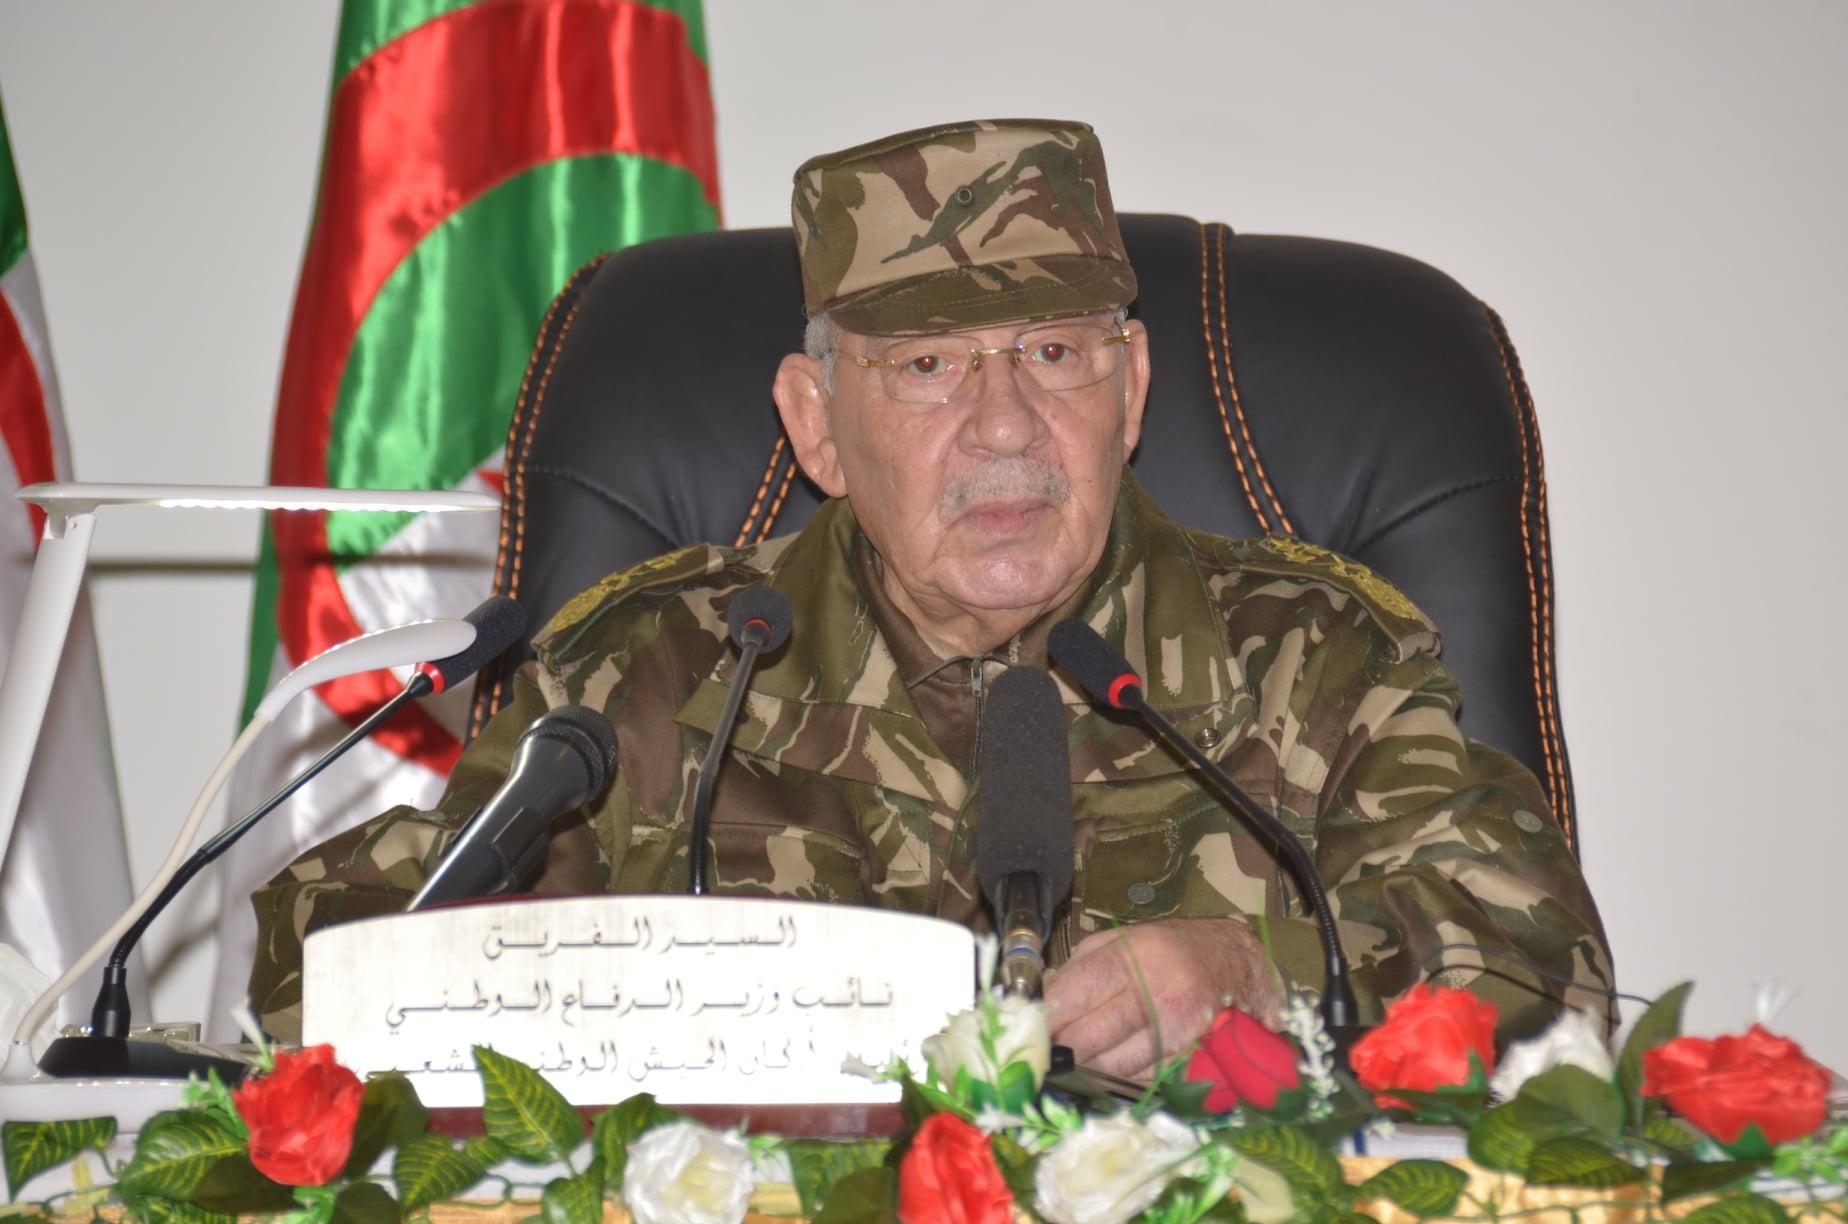 صورة مسيرة ثرية للفقيد قايد صالح في خدمة الجيش الوطني الشعبي و الجزائر